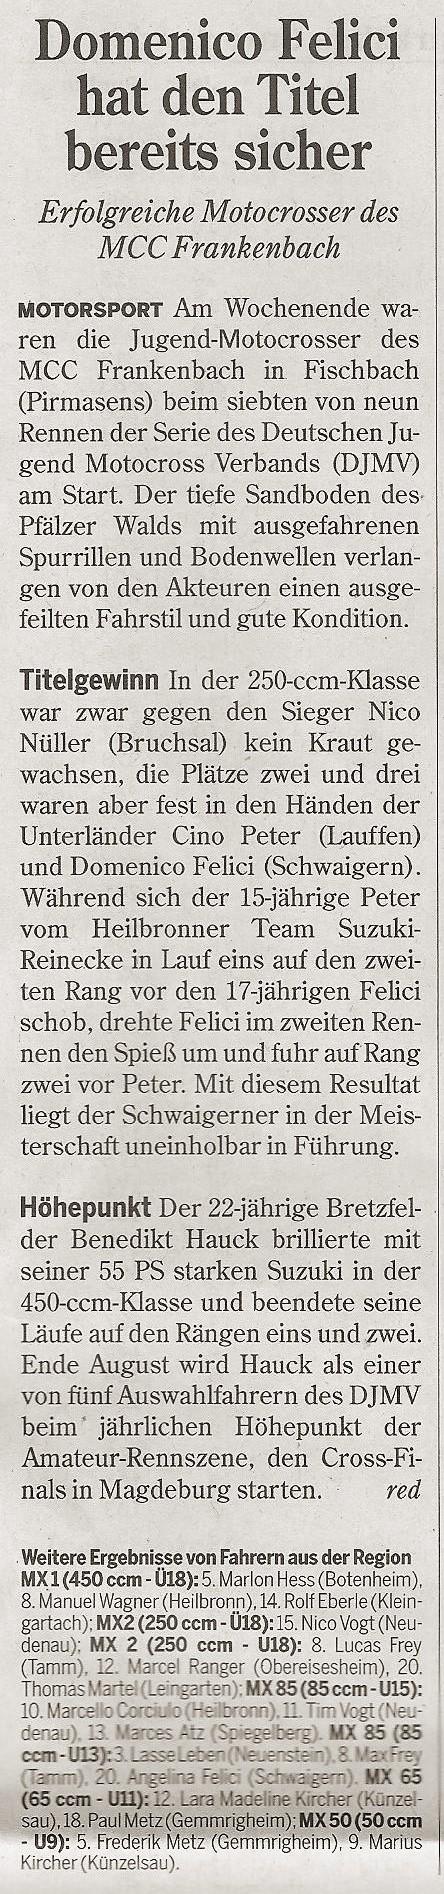 Heilbronner_Stimme_MCC-Frankenbach_Presse_DJMV_Fischbach